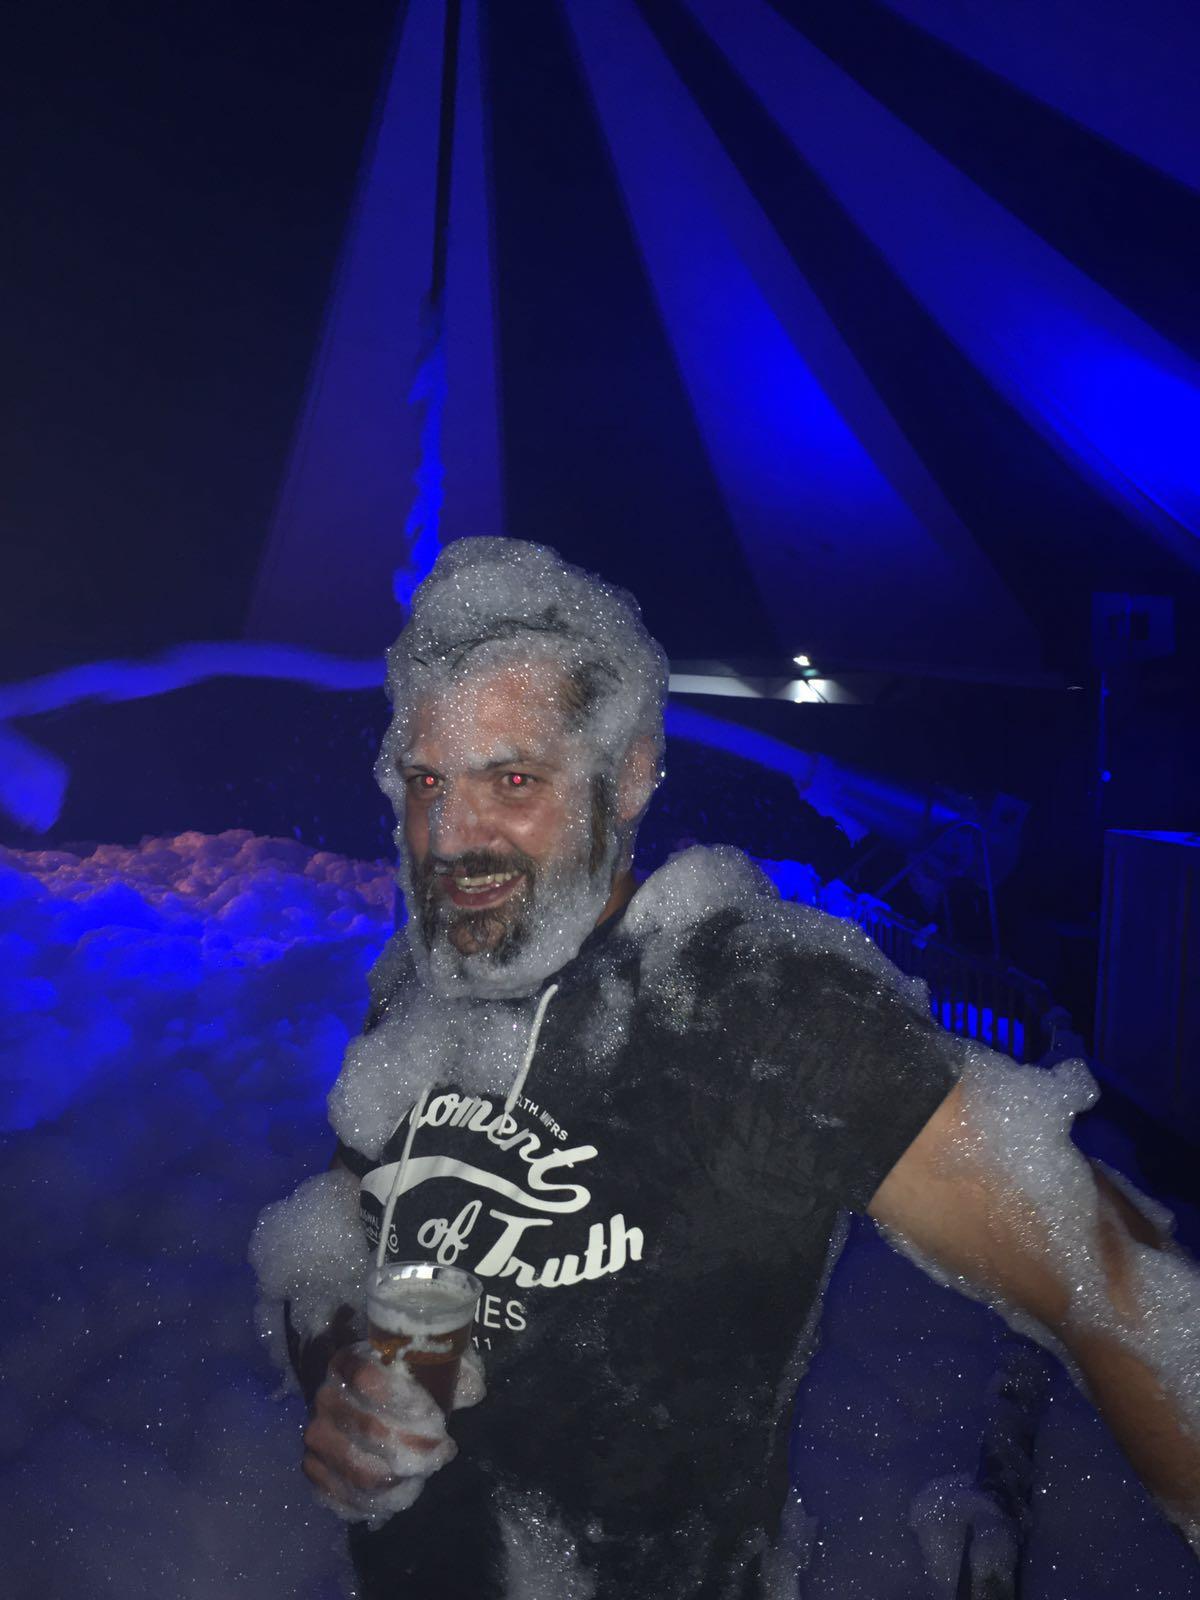 Schuimparty tijdens de kermis 2016